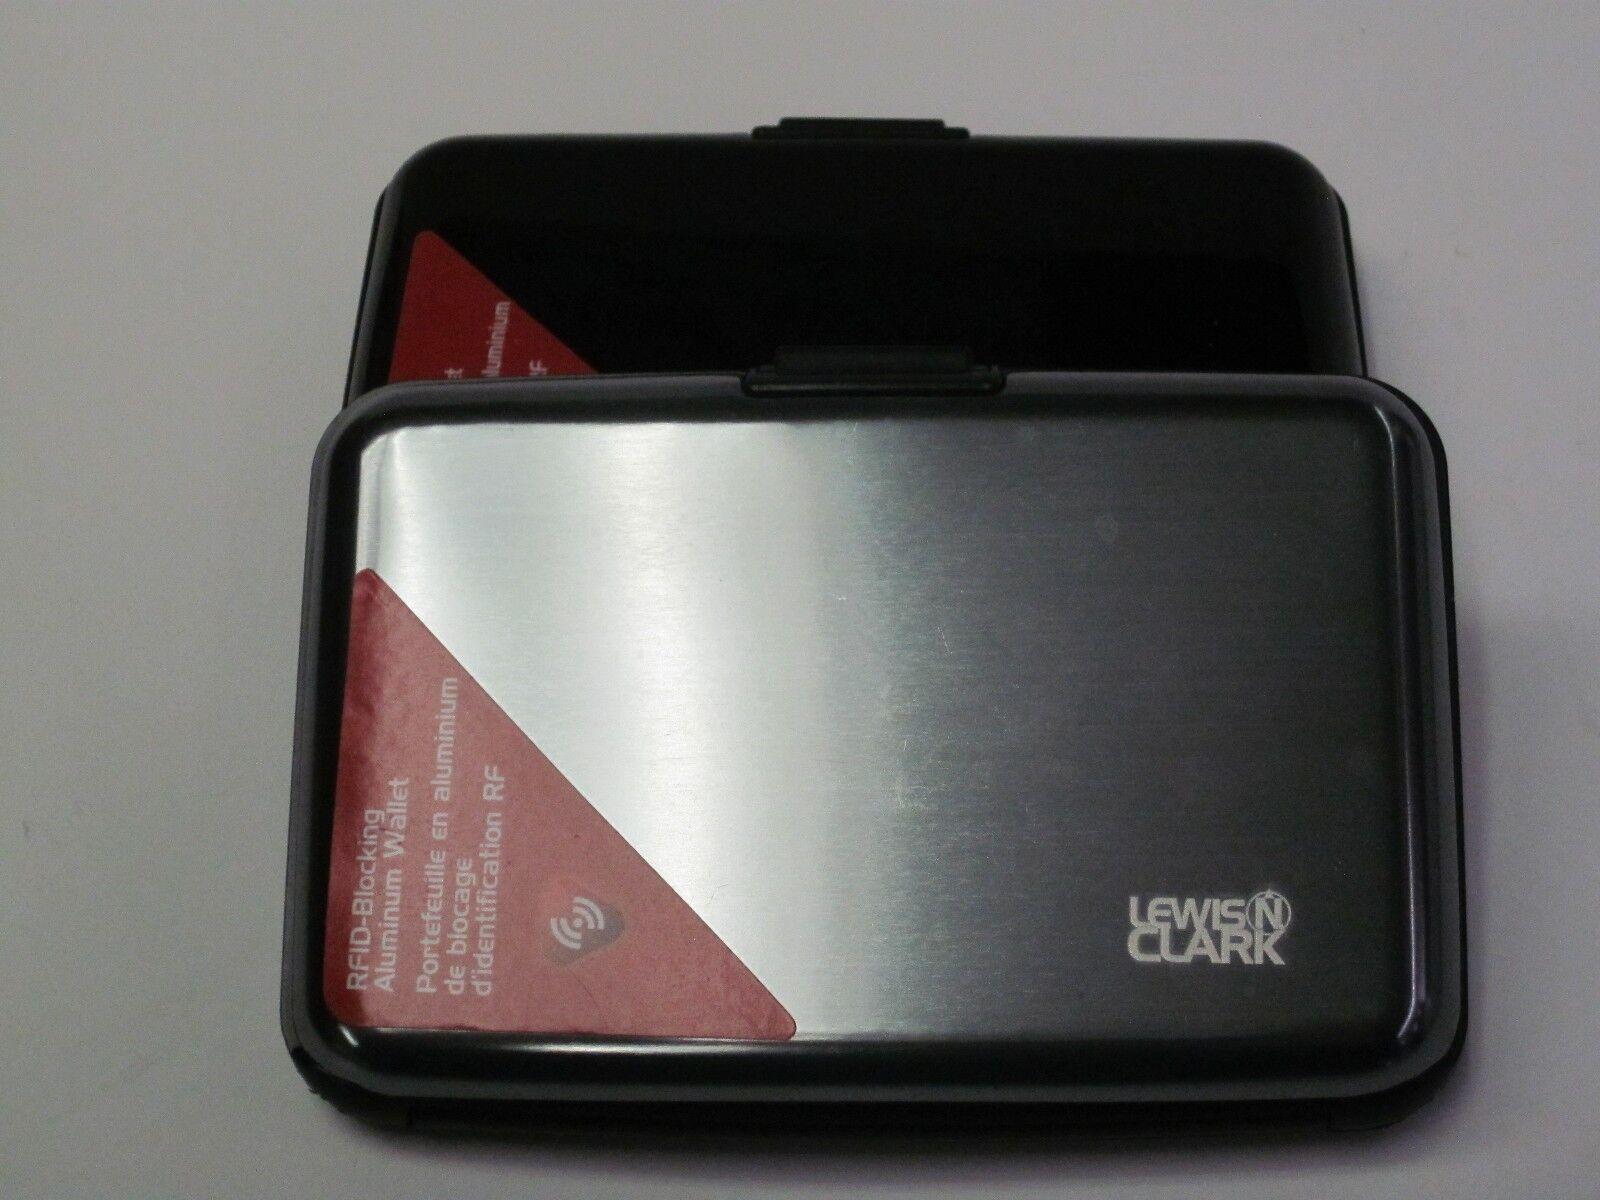 Lewis N Clark Aluminium Rfid Blocage Crédit Carte Etui Support Portefeuille 1201